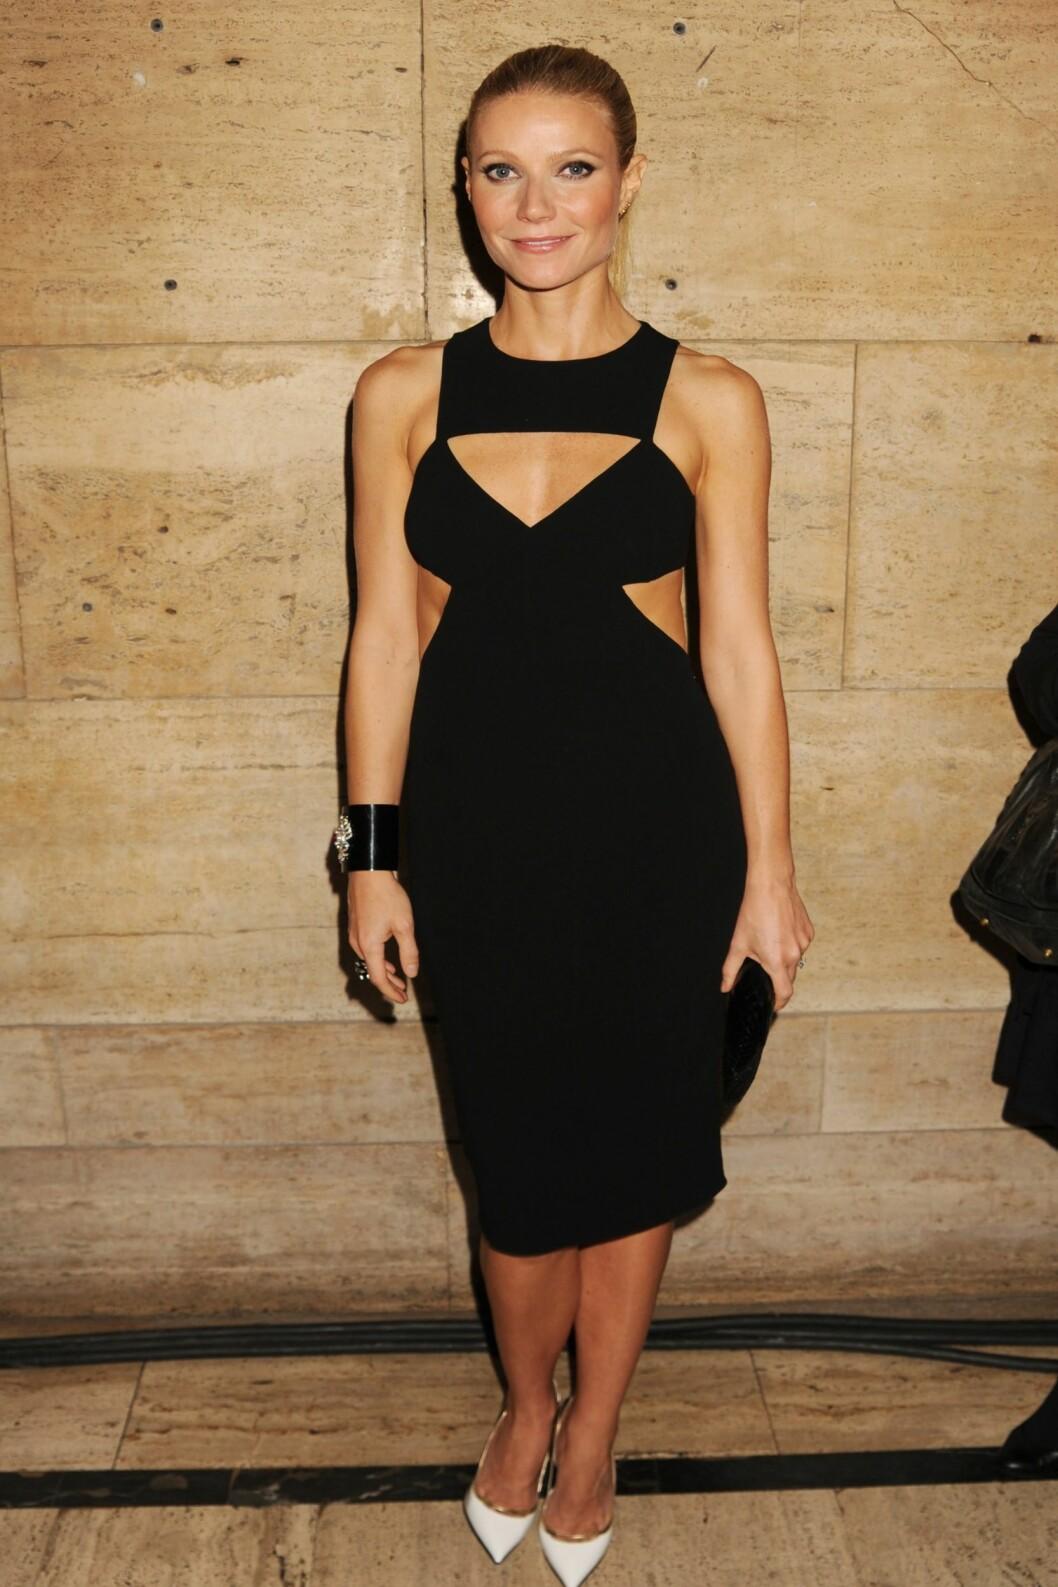 Nylig ble Gwyneth avbildet i en fantastisk Michael Kors-kjole, som fremhever hennes spenstige figur. Foto: All Over Press